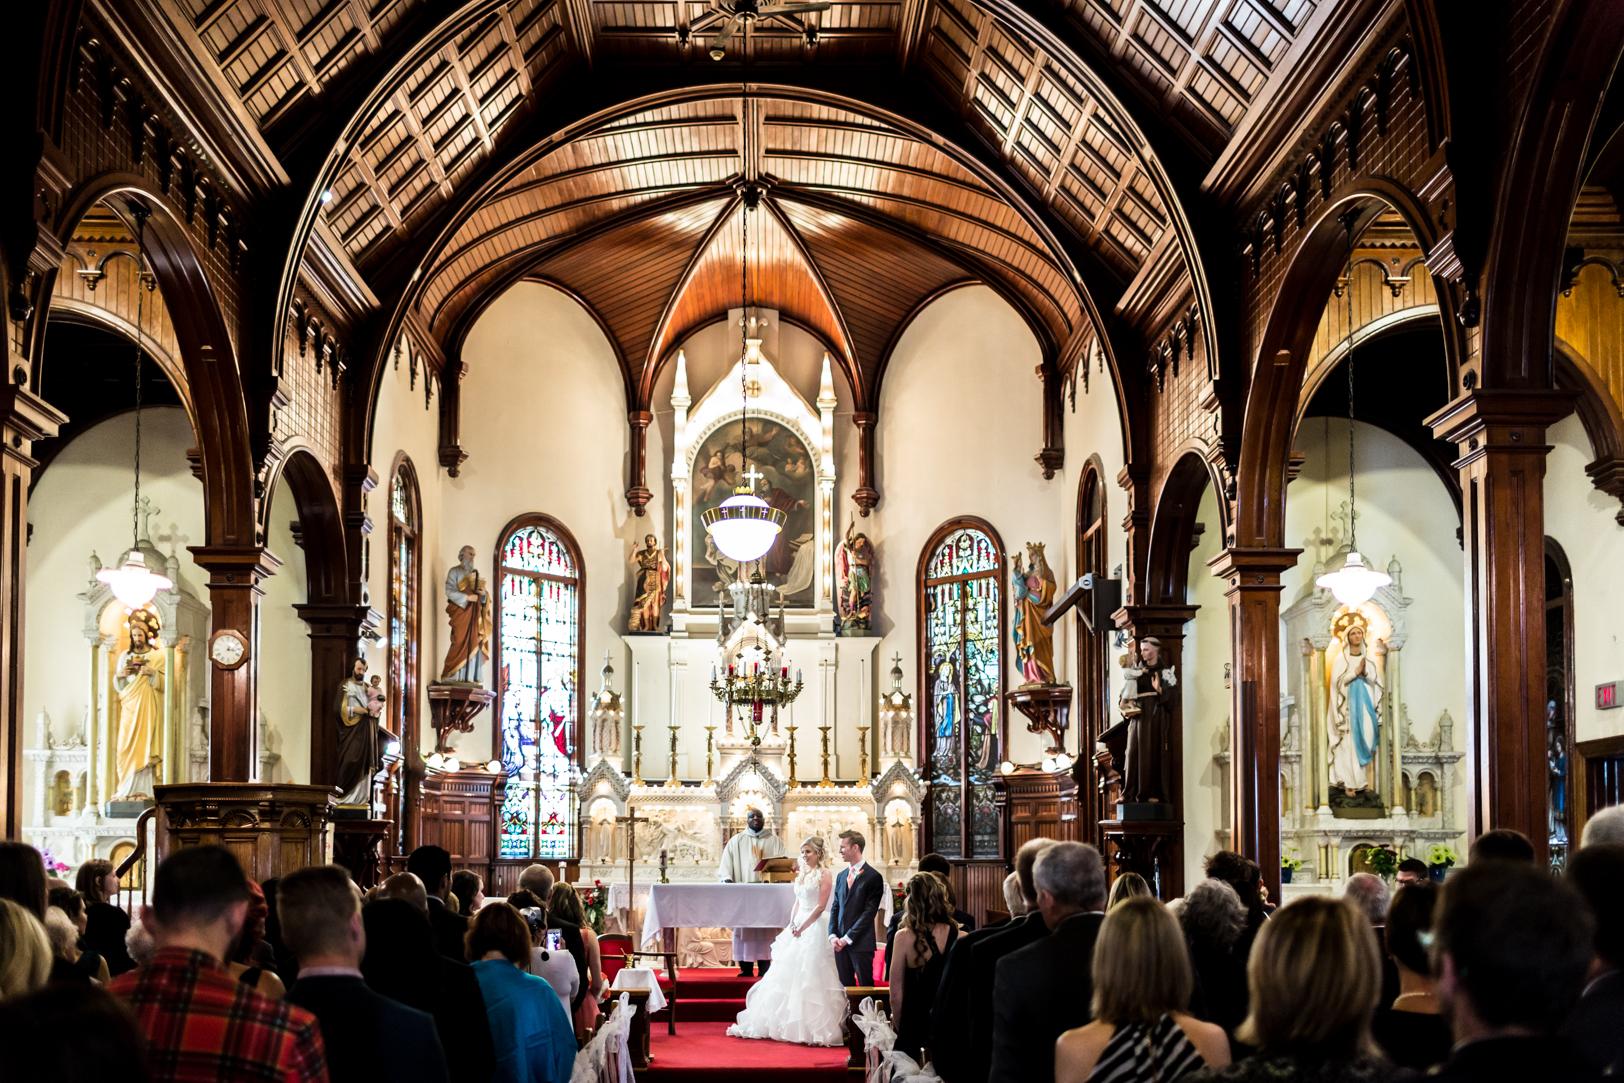 photos of wedding ceremony